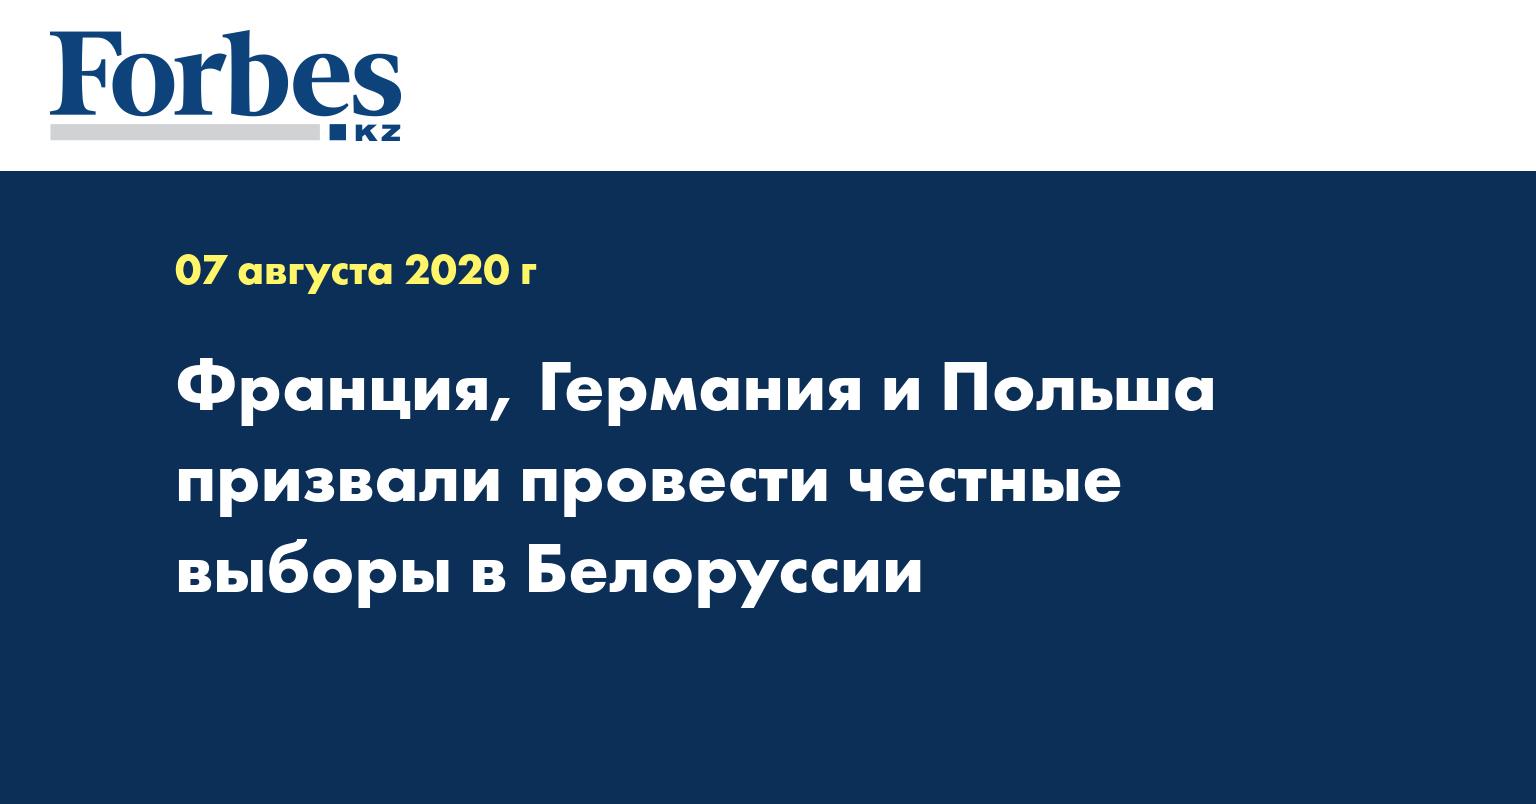 Франция, Германия и Польша призвали провести честные выборы в Белоруссии